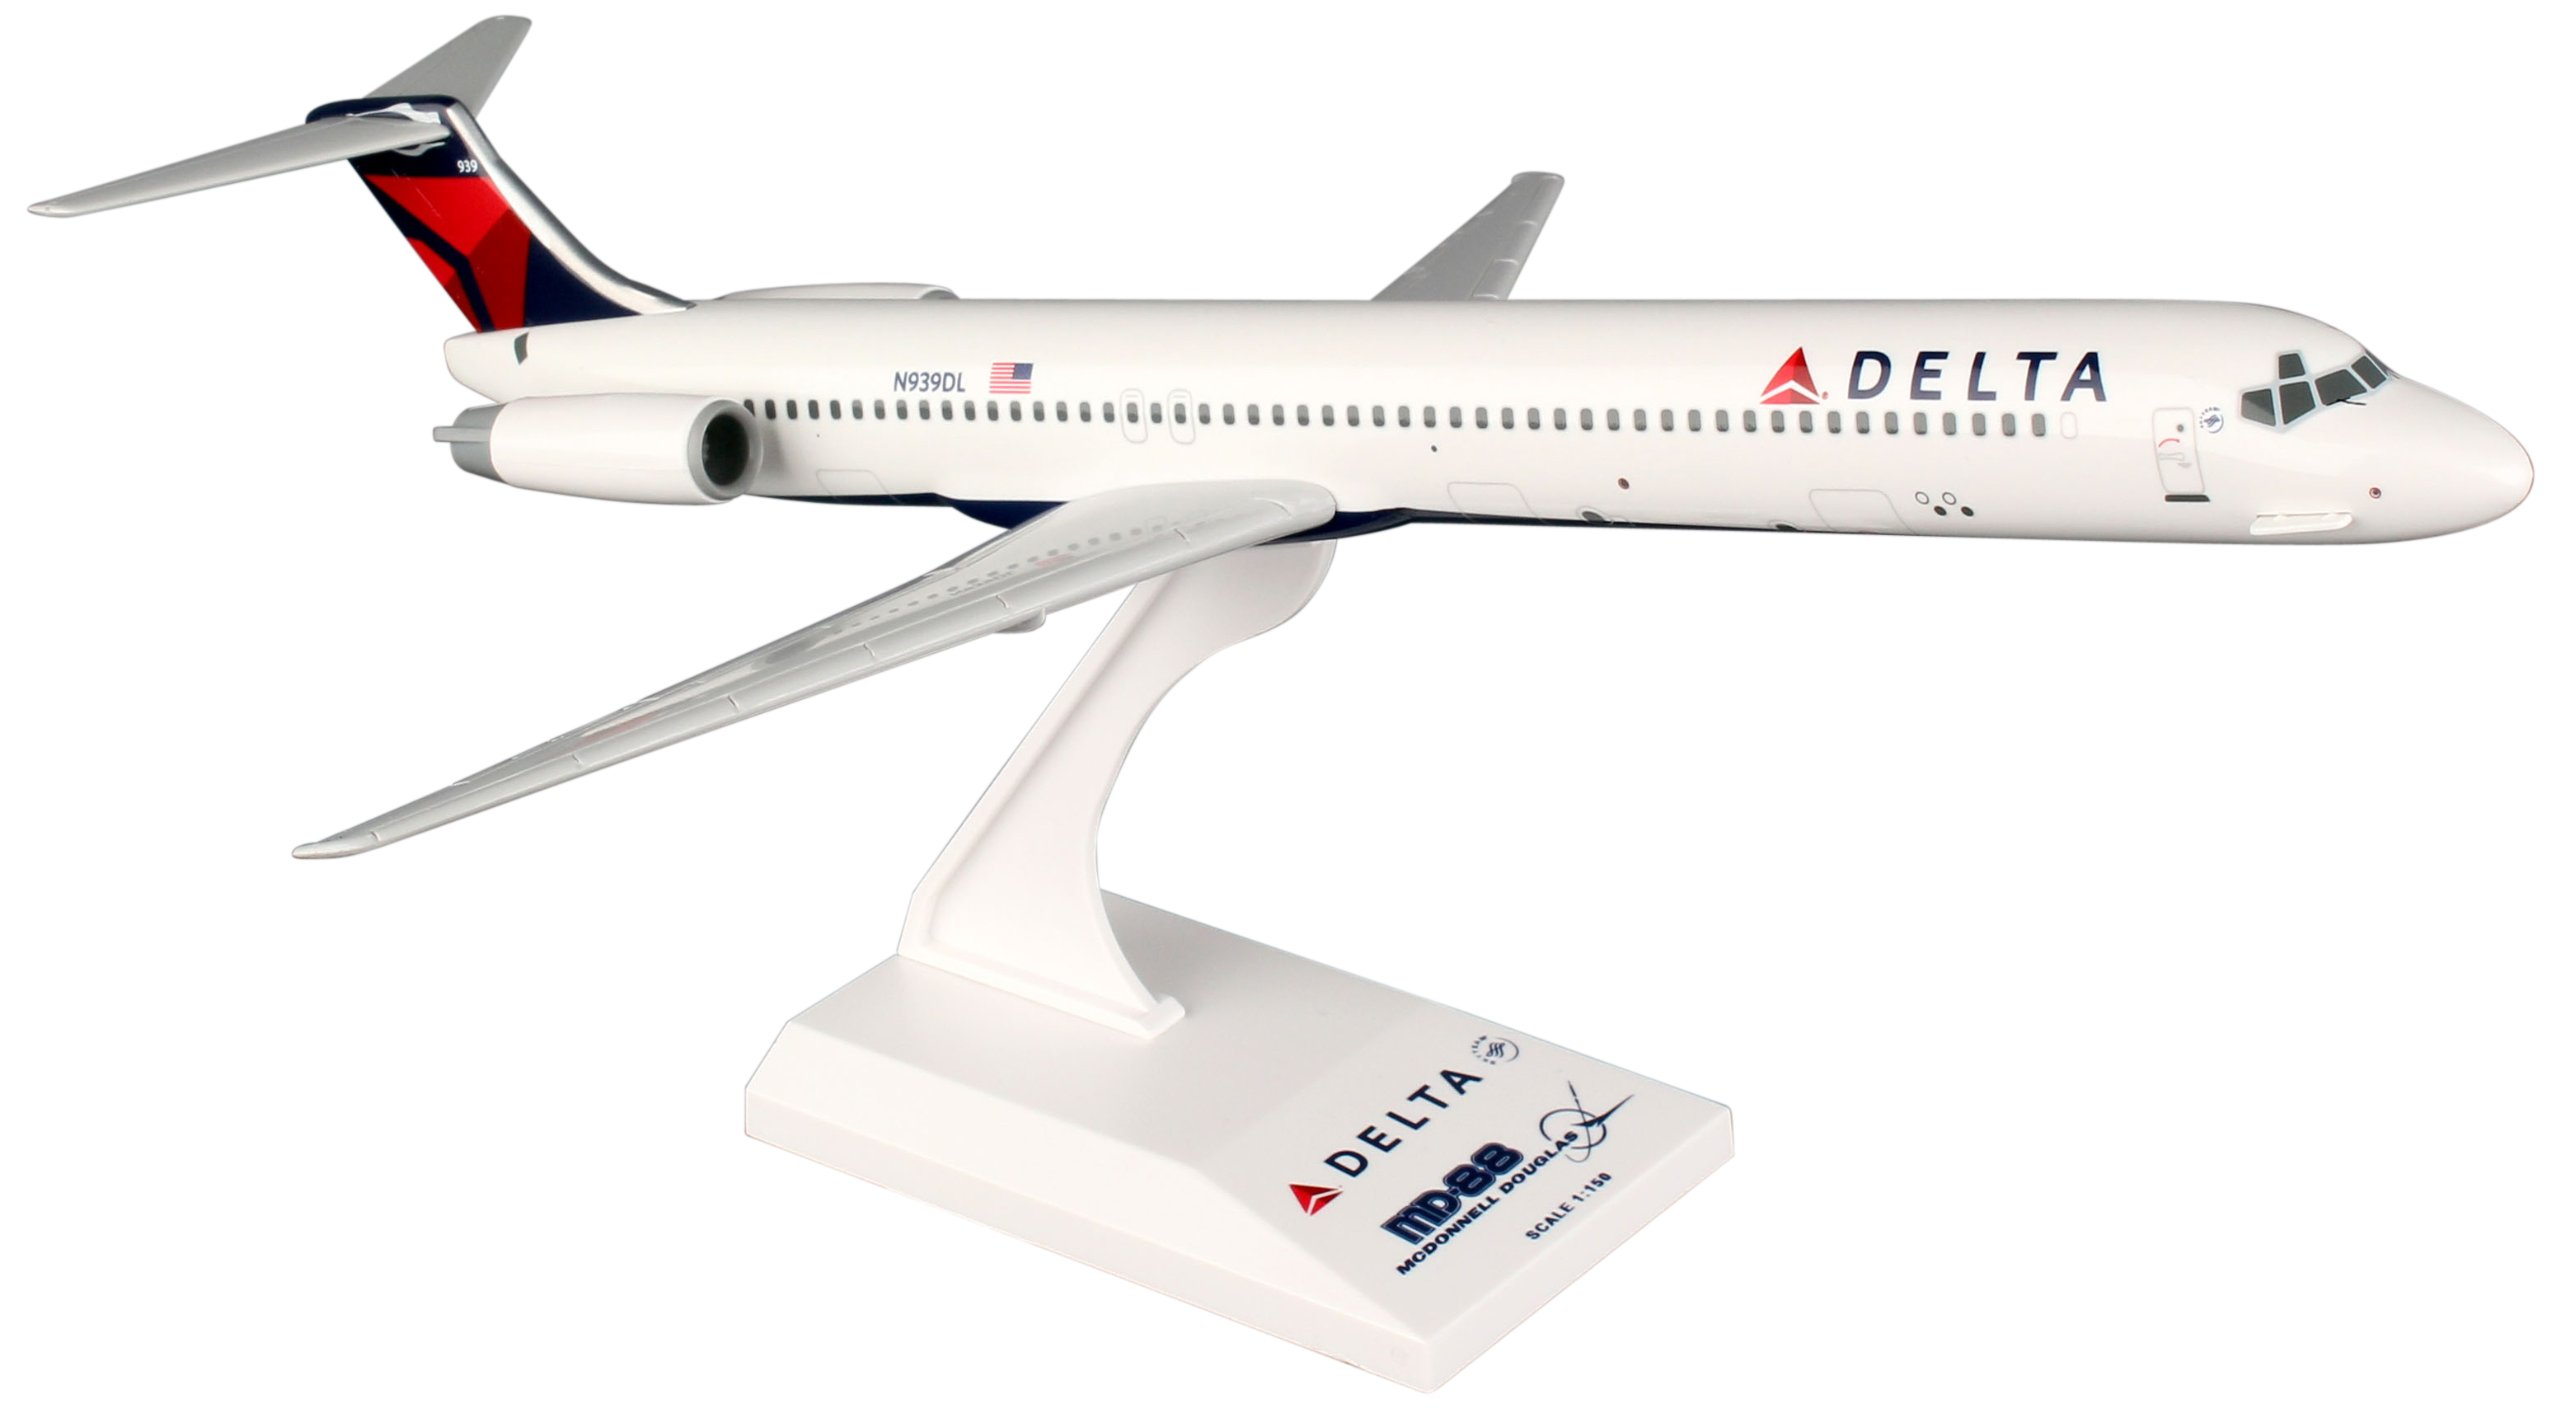 Daron Skymarks Delta Md-88 Model Kit (1/150 Scale)